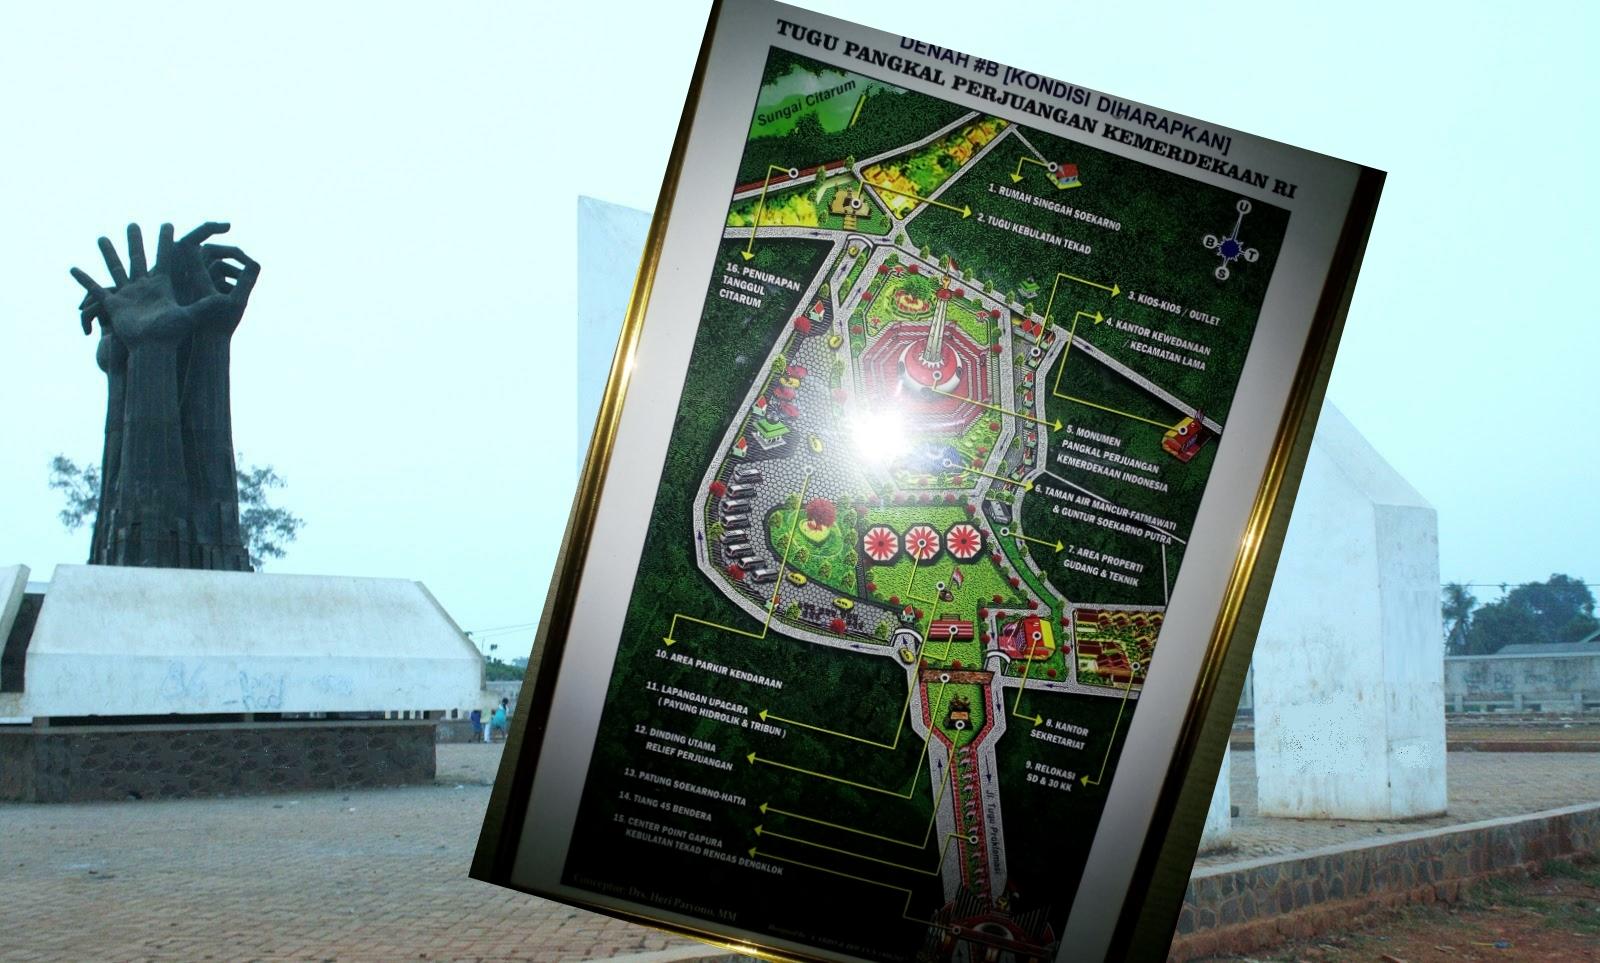 Rencana Bangun Monumen Pangkal Perjuangan 7 Hektar 'Dihadang' PUPR